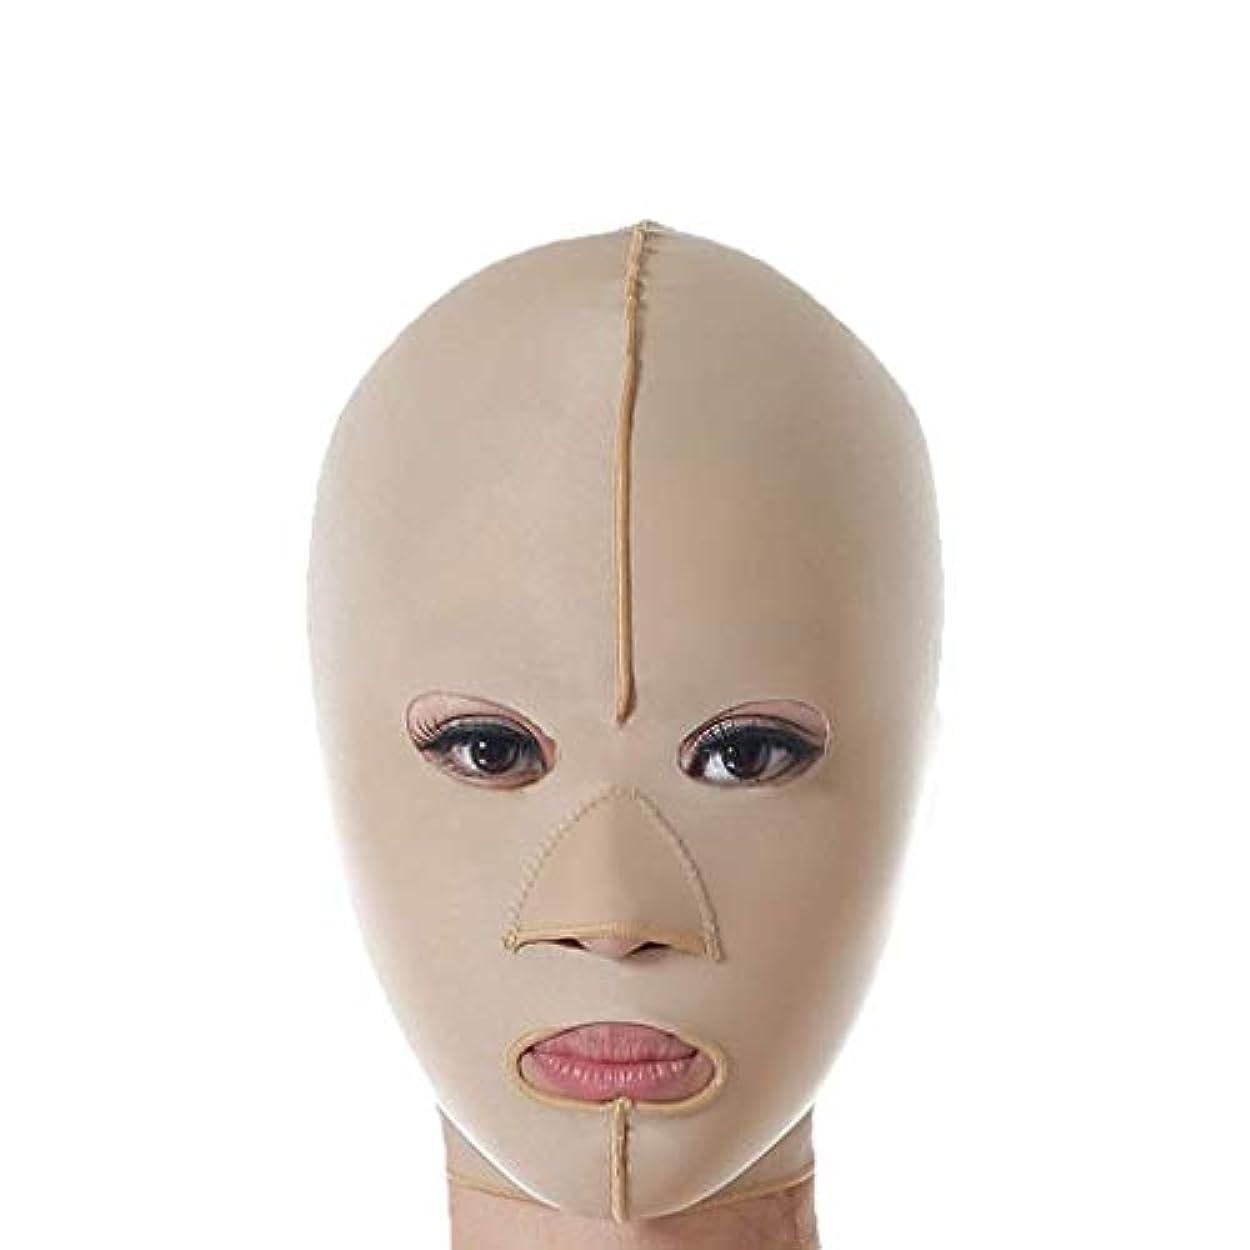 自然公園スクラップブック繰り返す減量フェイスマスク、リフティング包帯、スリムフェイスリフトリフティングベルト、フェイシャル減量リフティング包帯、リフティングファーミング包帯(サイズ:XL),ザ?